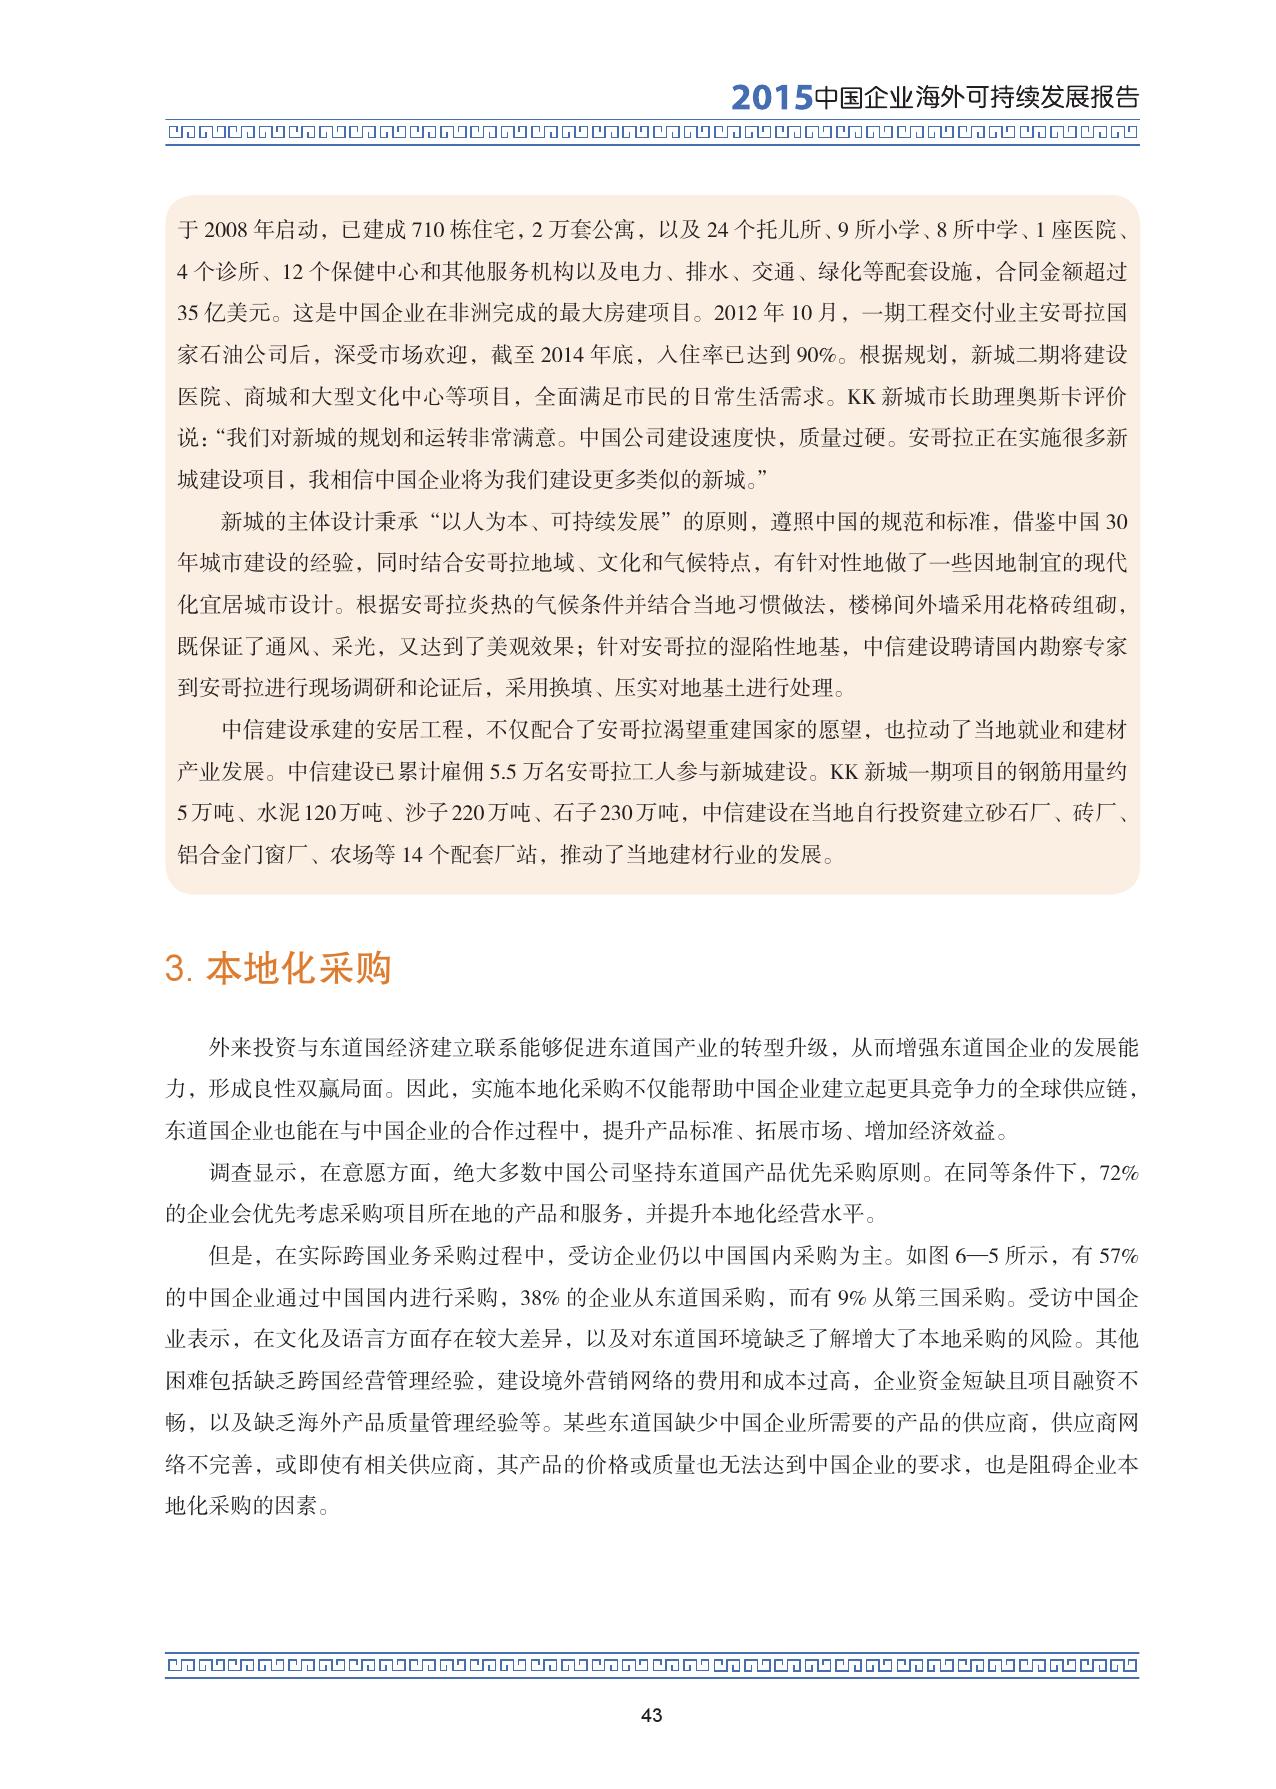 2015中国企业海外可持续发展报告_000057